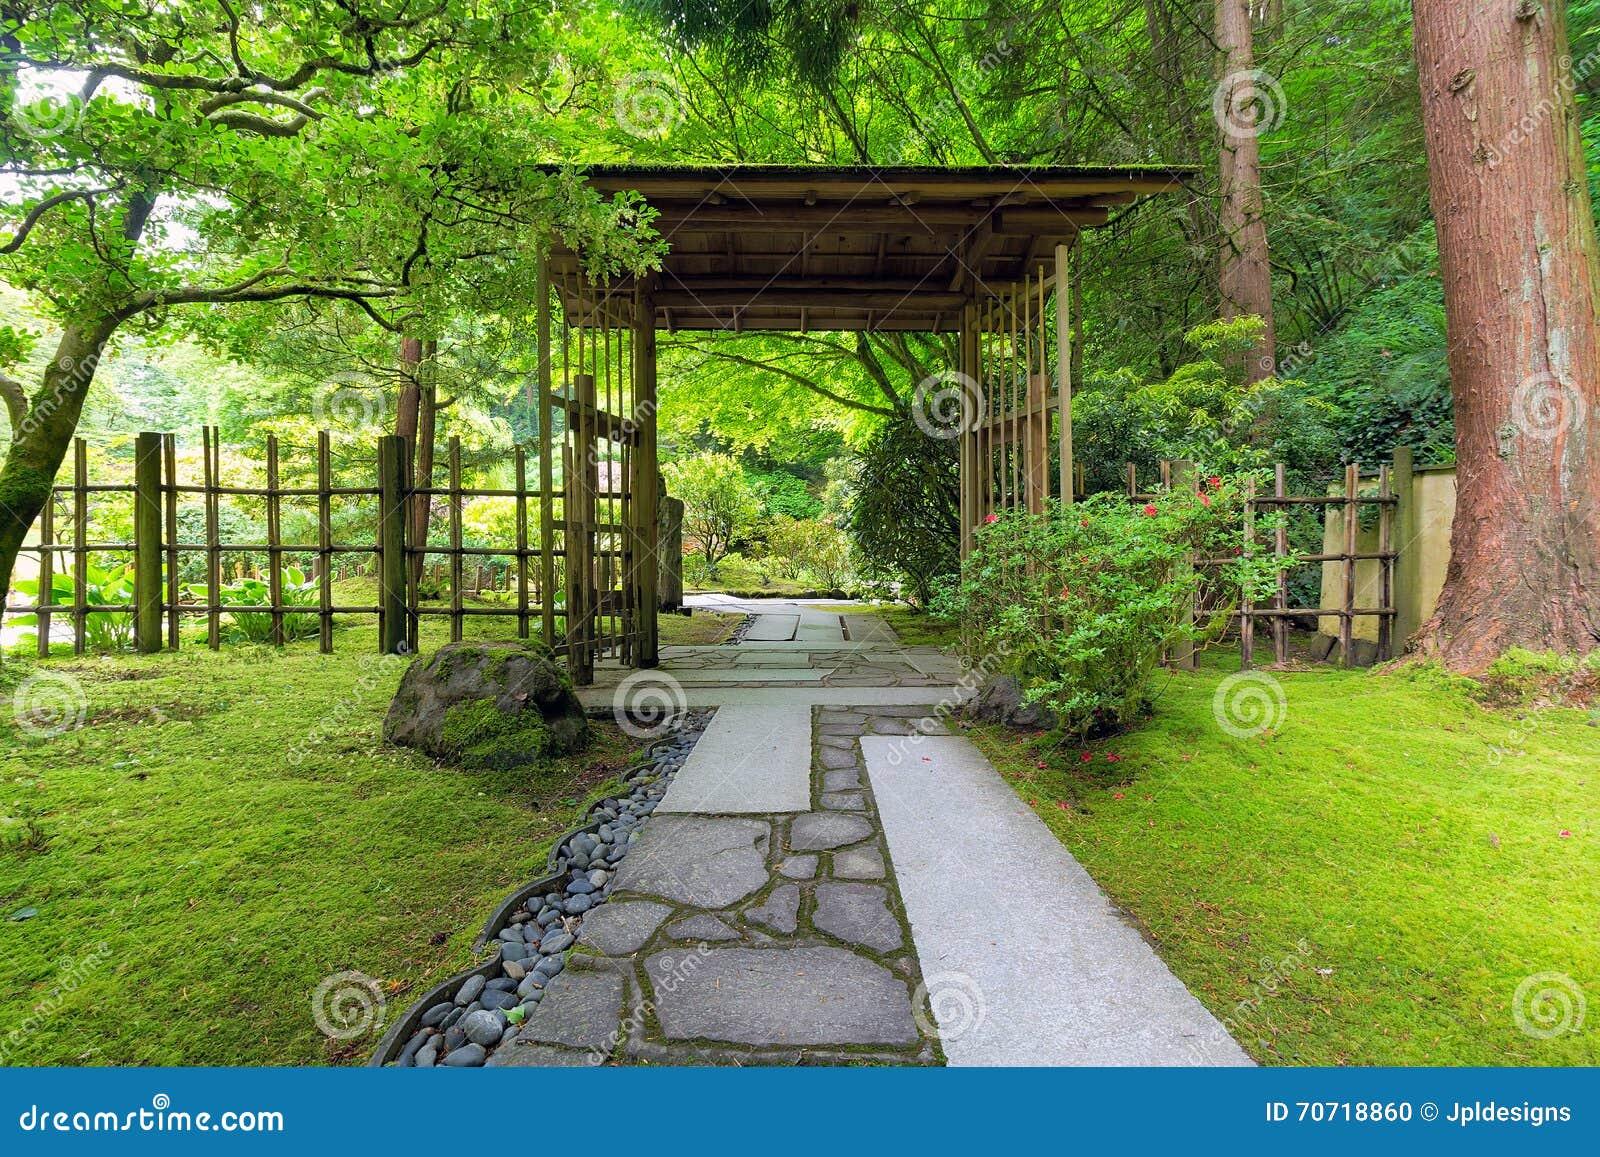 Porte Couverte Au Jardin Japonais Photo stock - Image ...